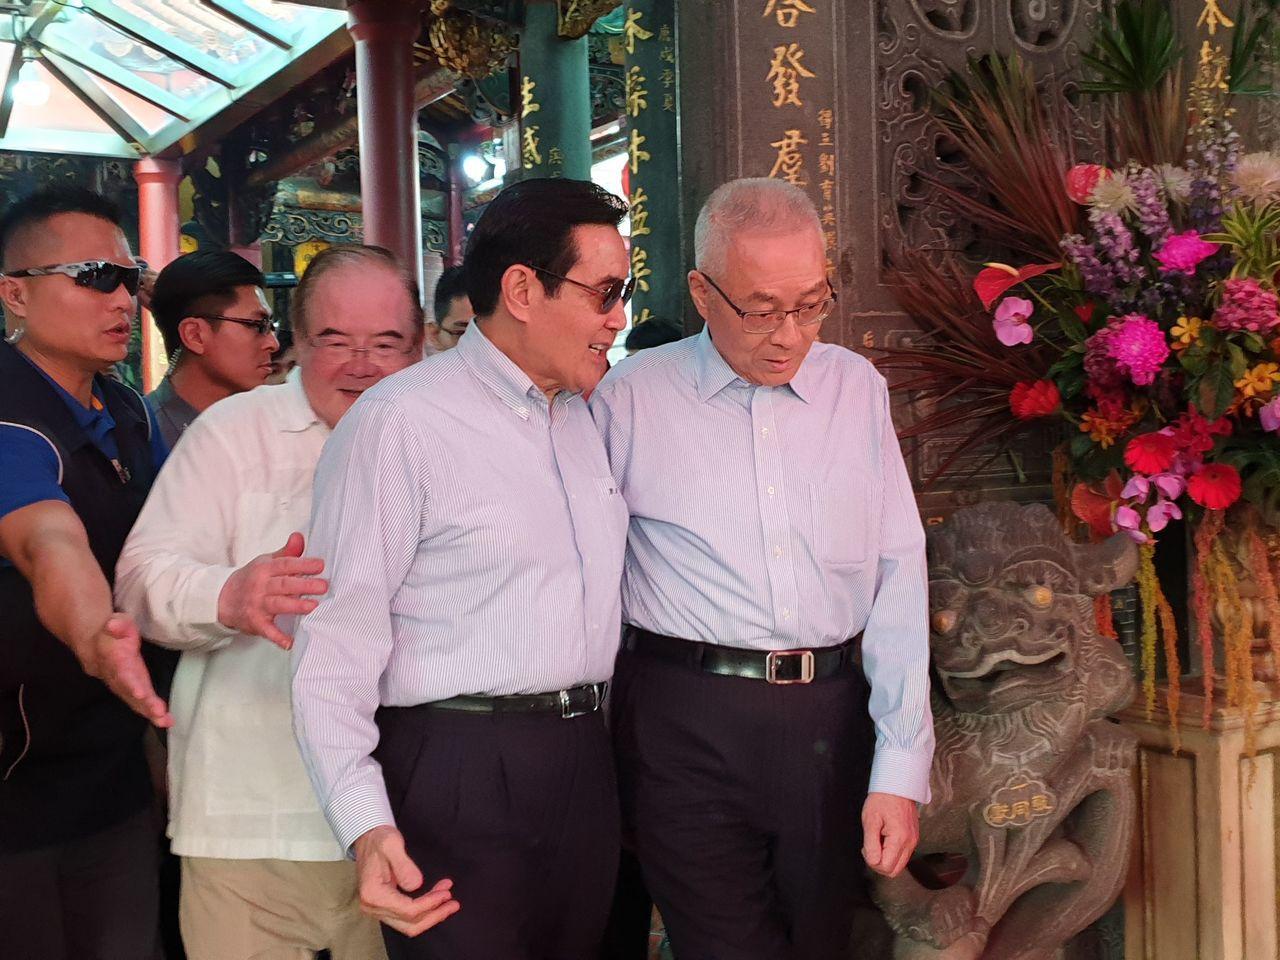 針對高雄市長韓國瑜妻子李佳芬說「討厭背後被開槍」,吳敦義(右)表示,「沒有人開槍...